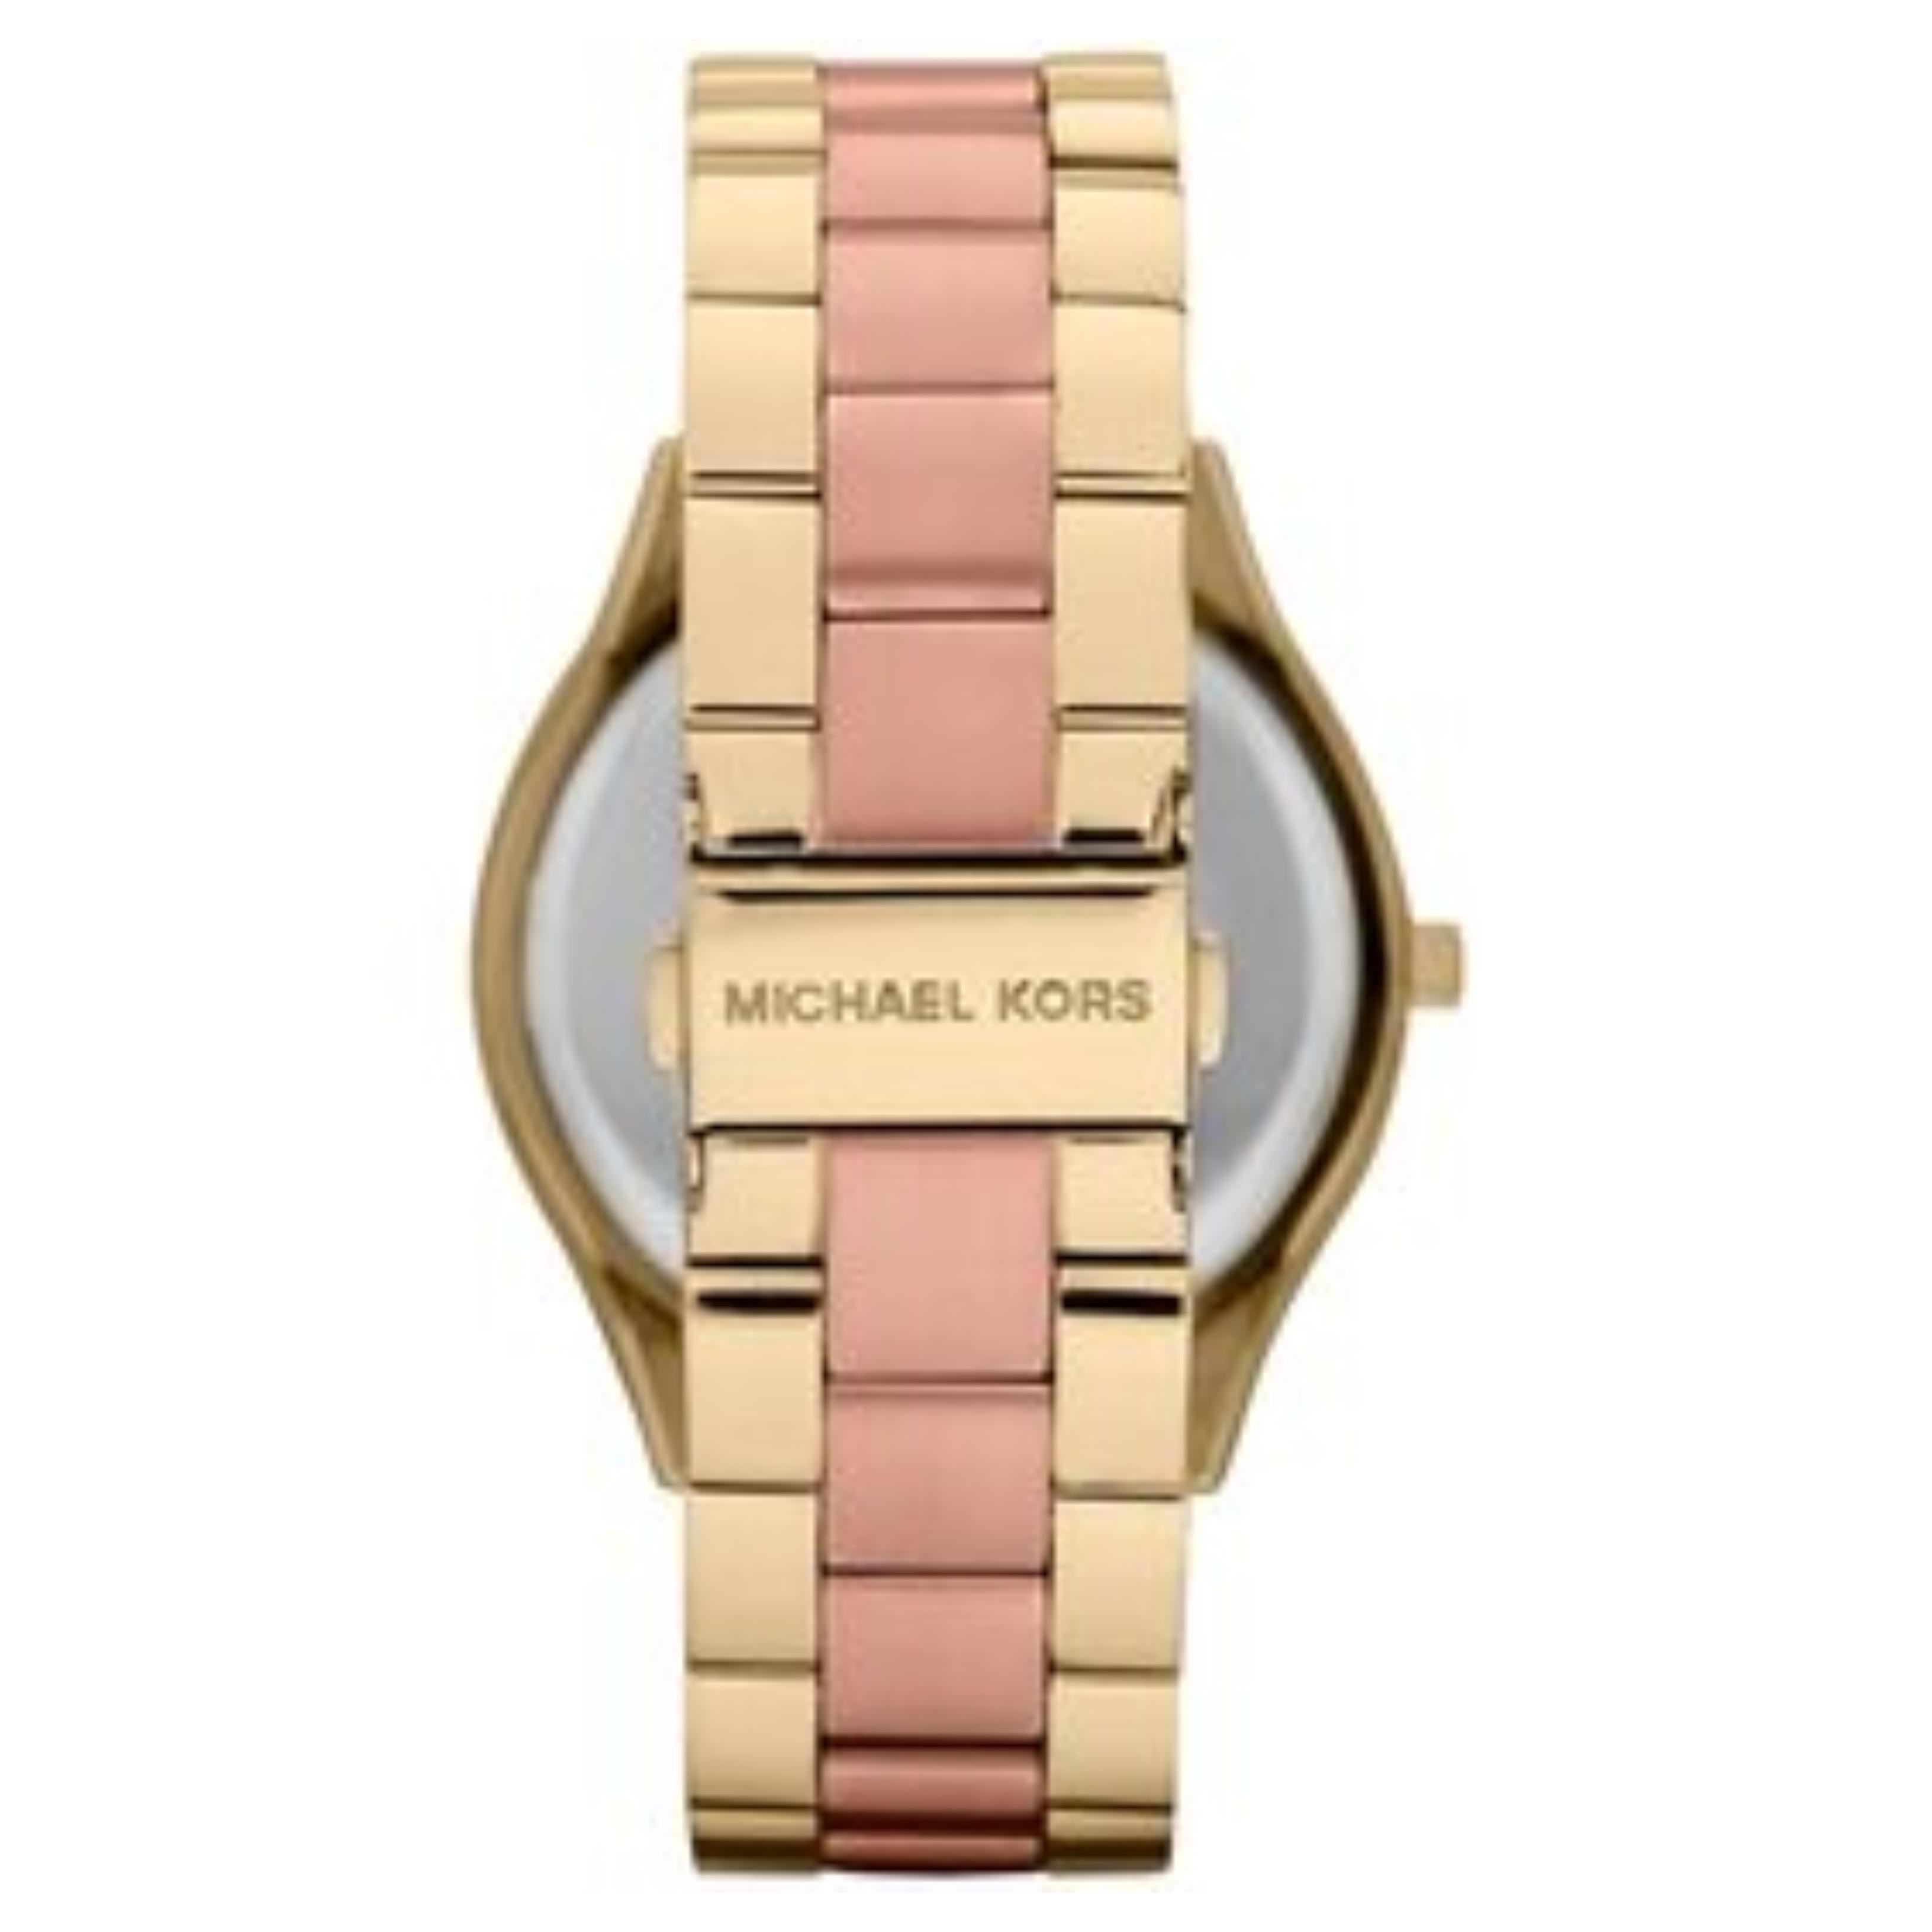 89a2af9c7c13 Sentinel Michael Kors Slim Runway RoseGold Dial Ladies Two Tone Strap  Ladies Watch MK3493